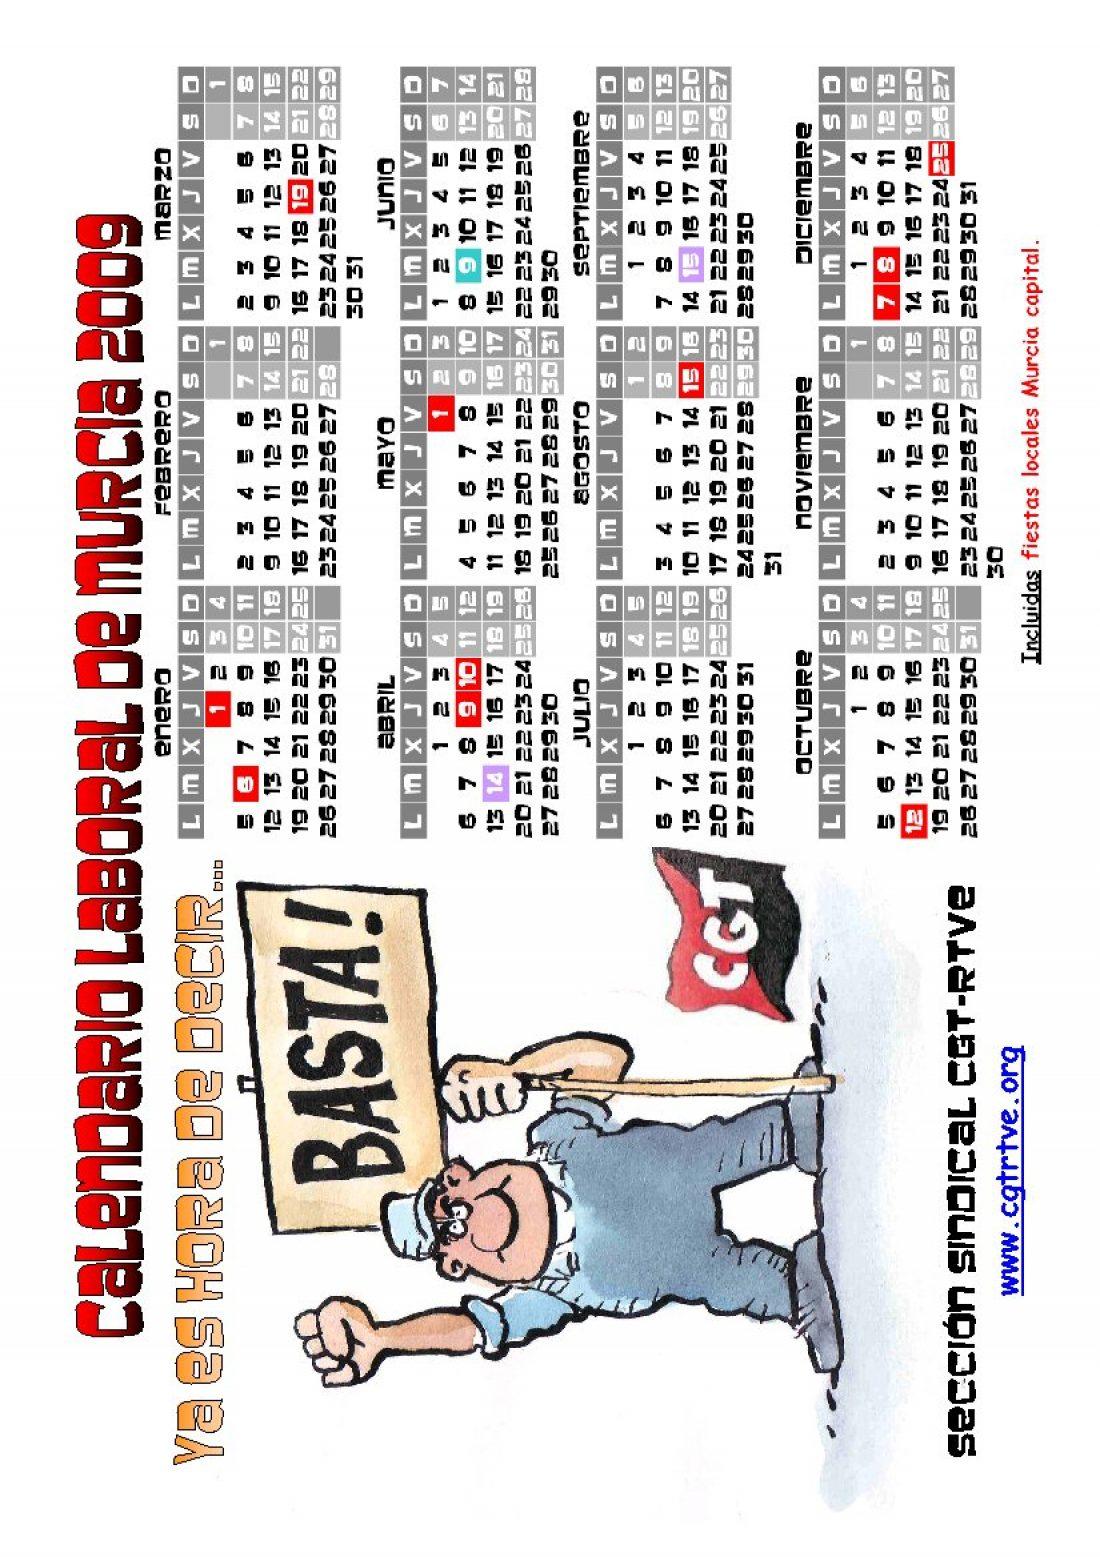 PDF cegetero del Calendario Laboral 2009 de Murcia